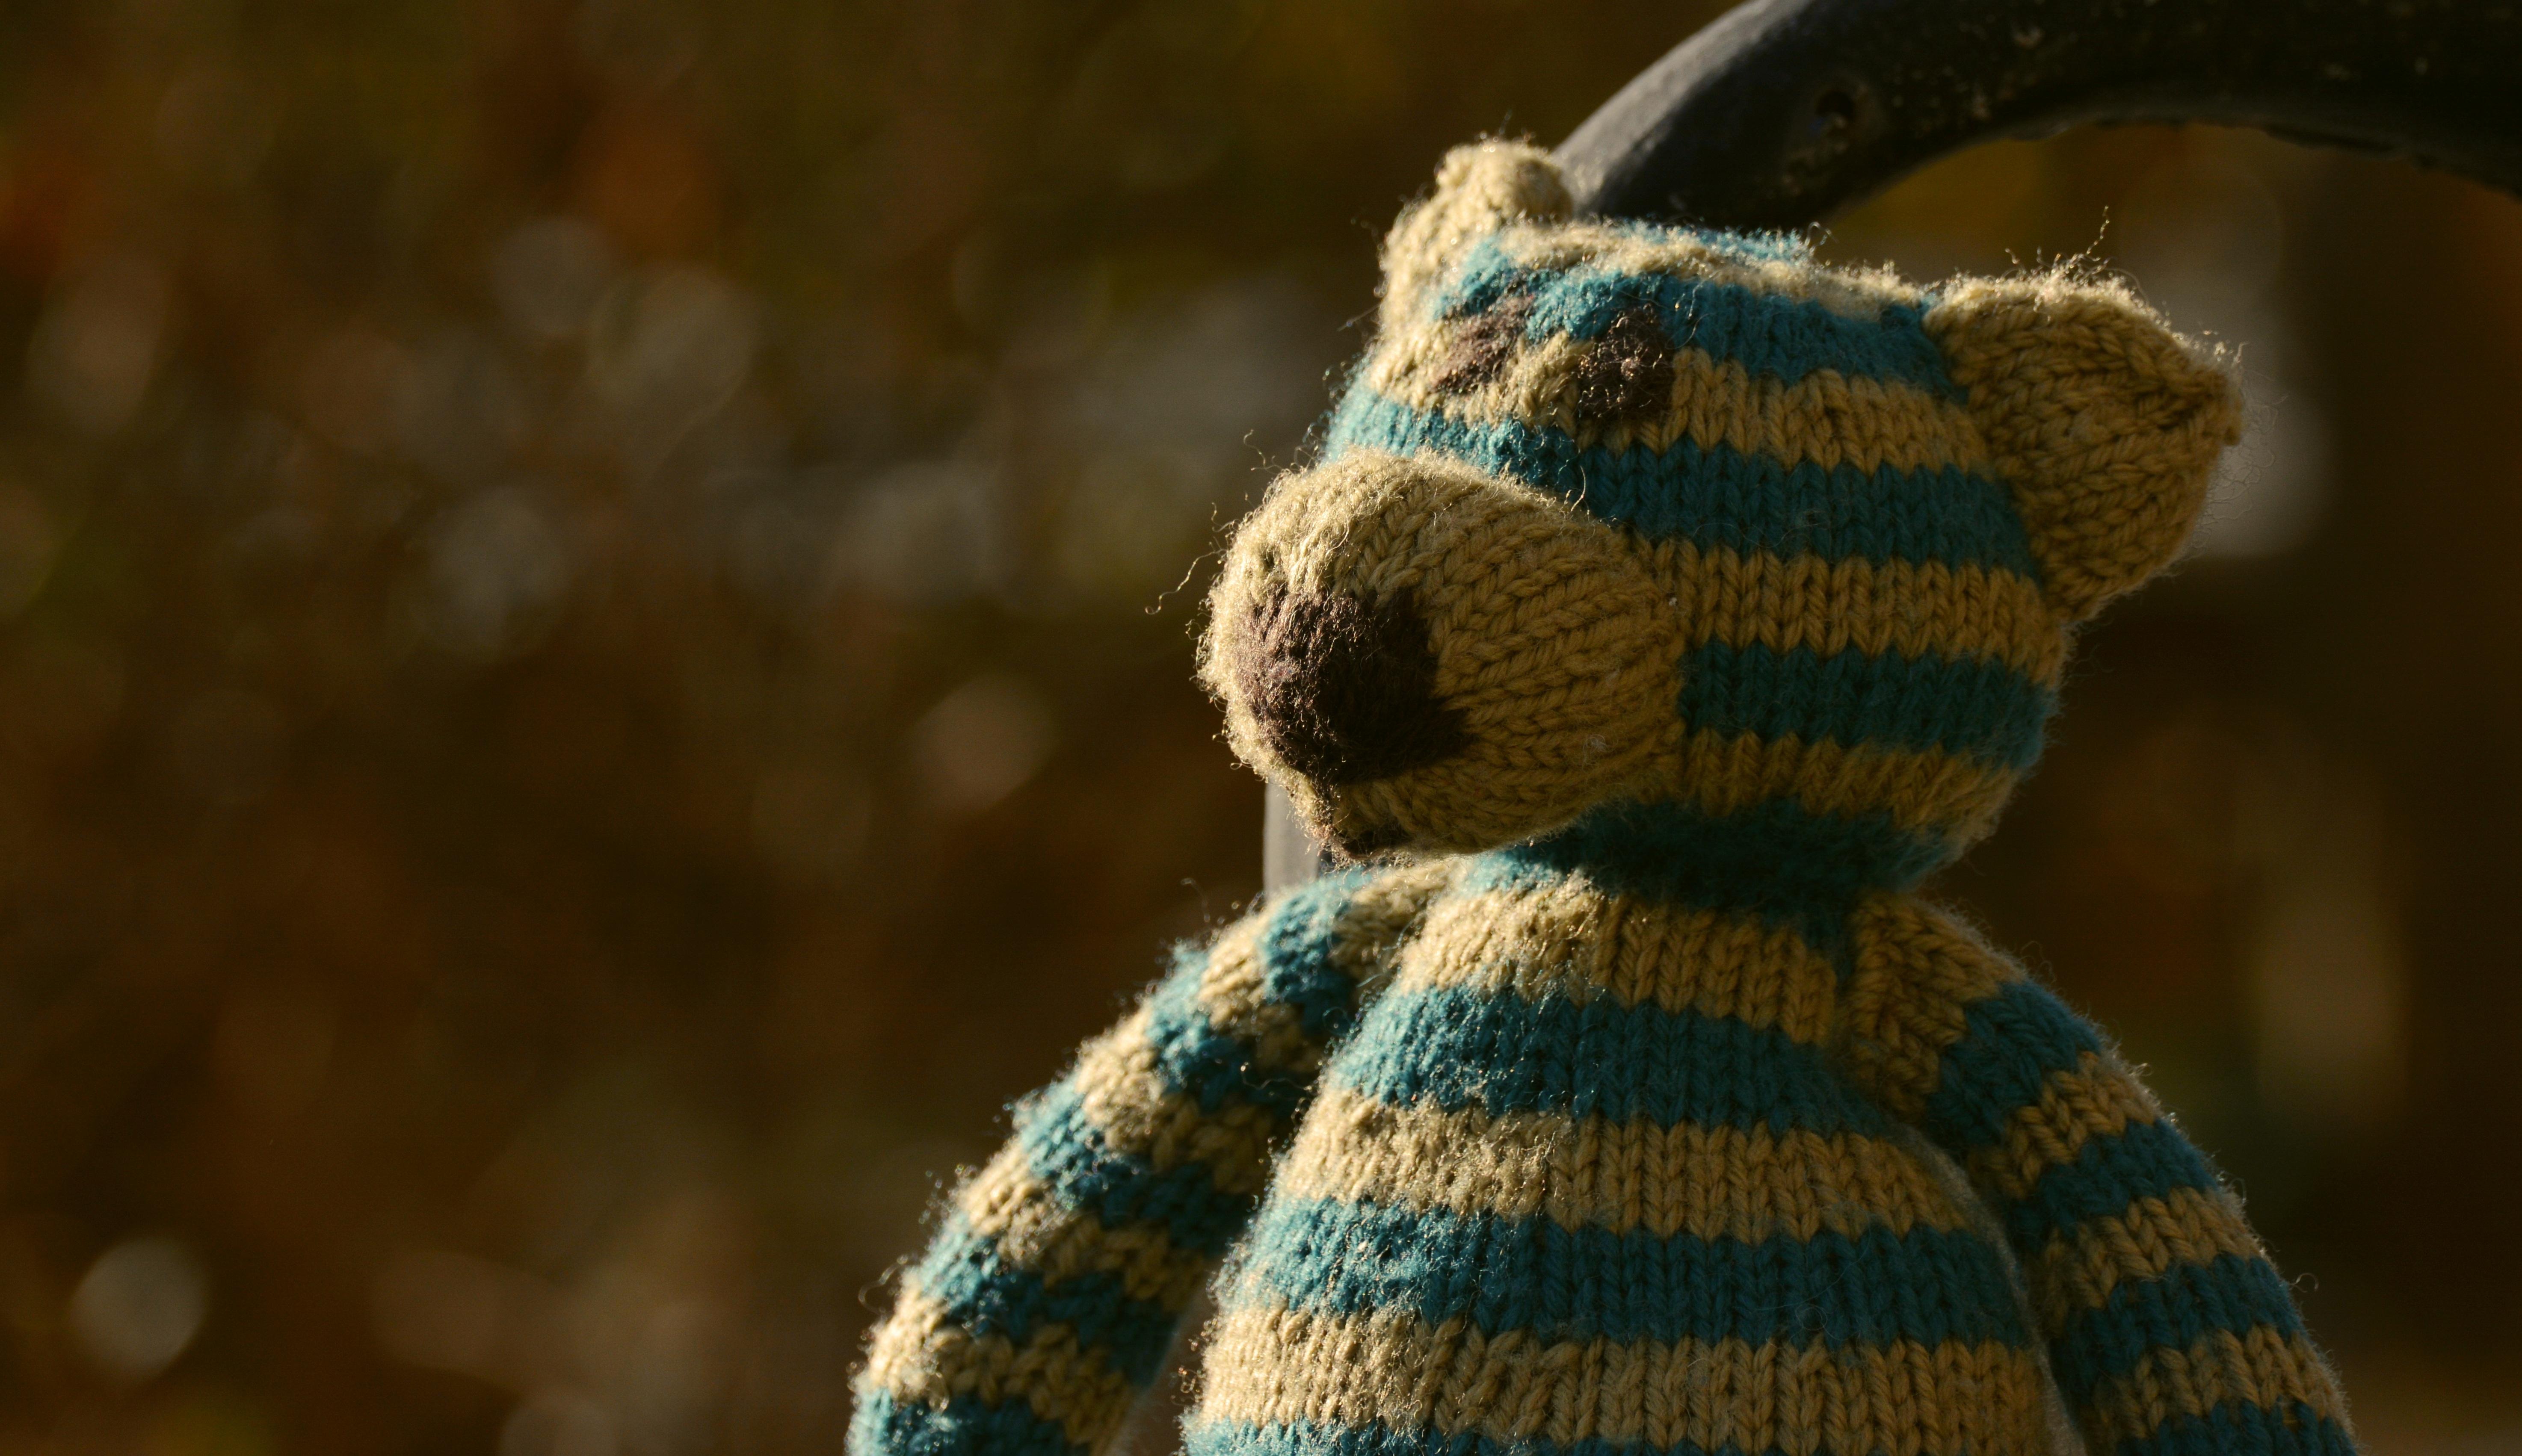 Kostenlose foto : allein, Bär, einsam, Spielzeug, Wolle, Teddybär ...